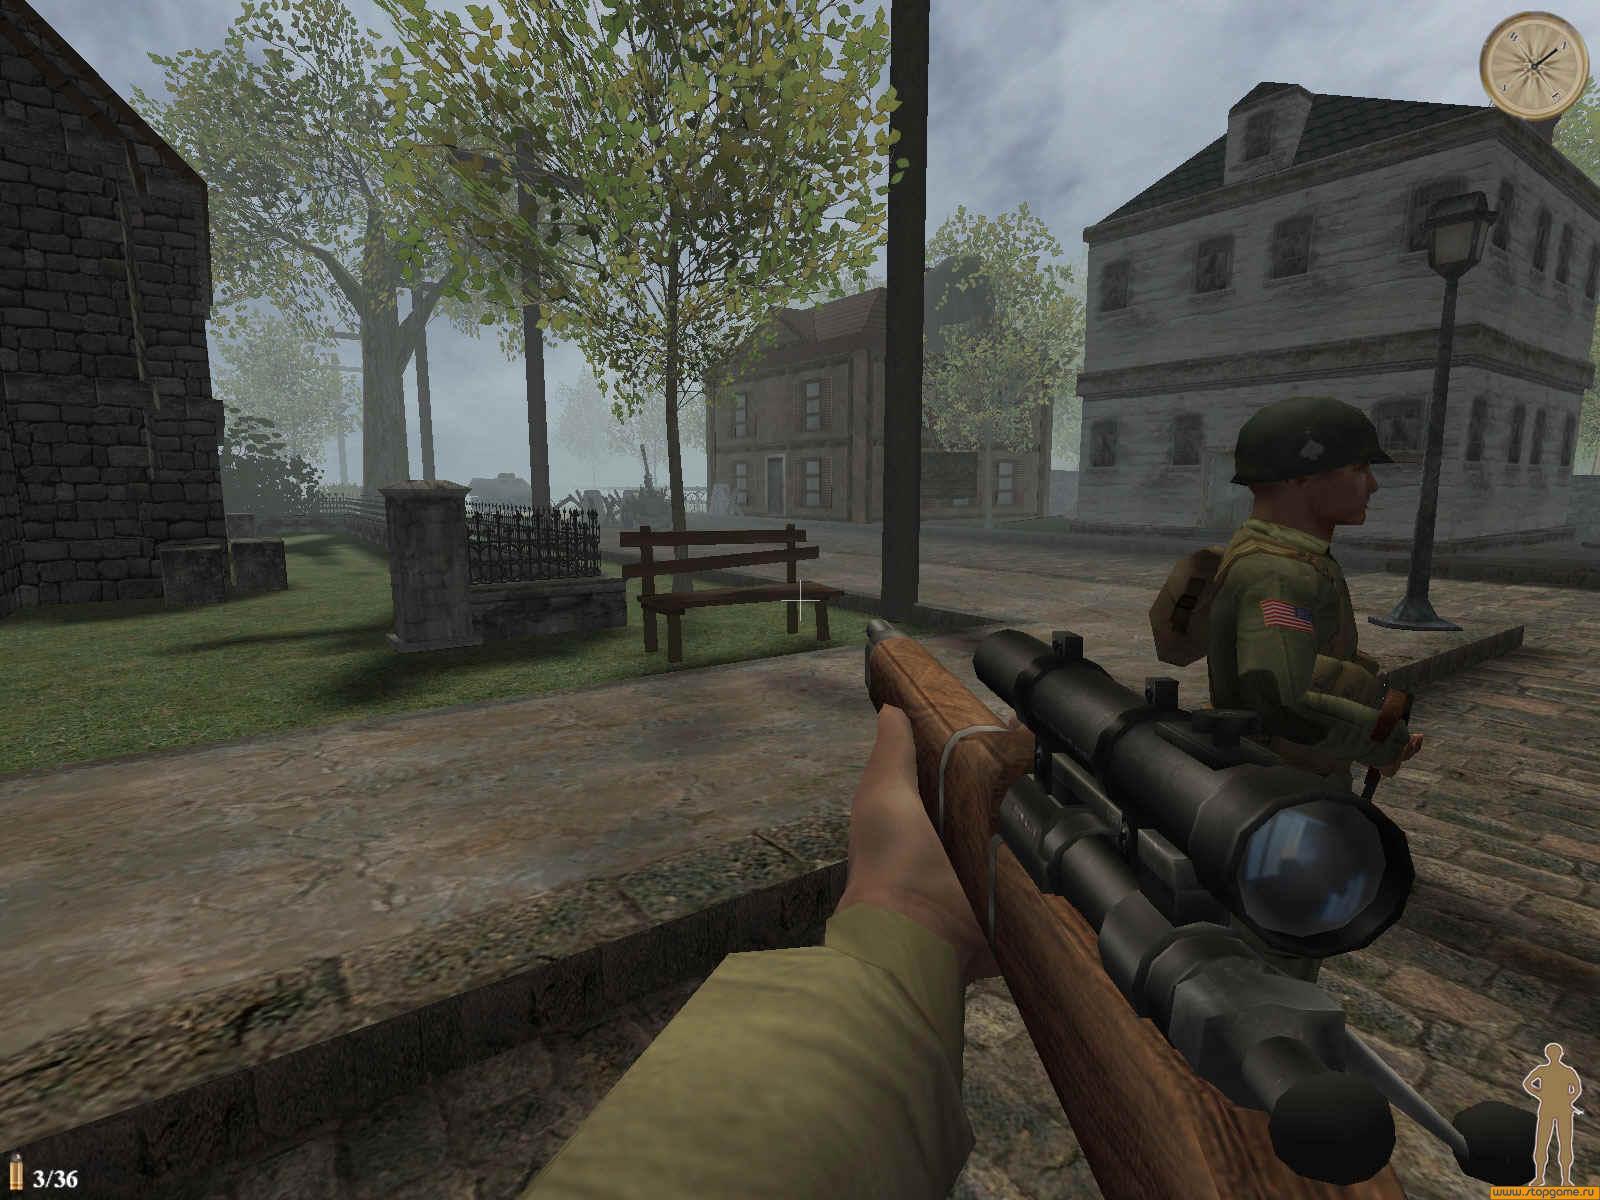 Войны world war ii sniper call to victory также есть